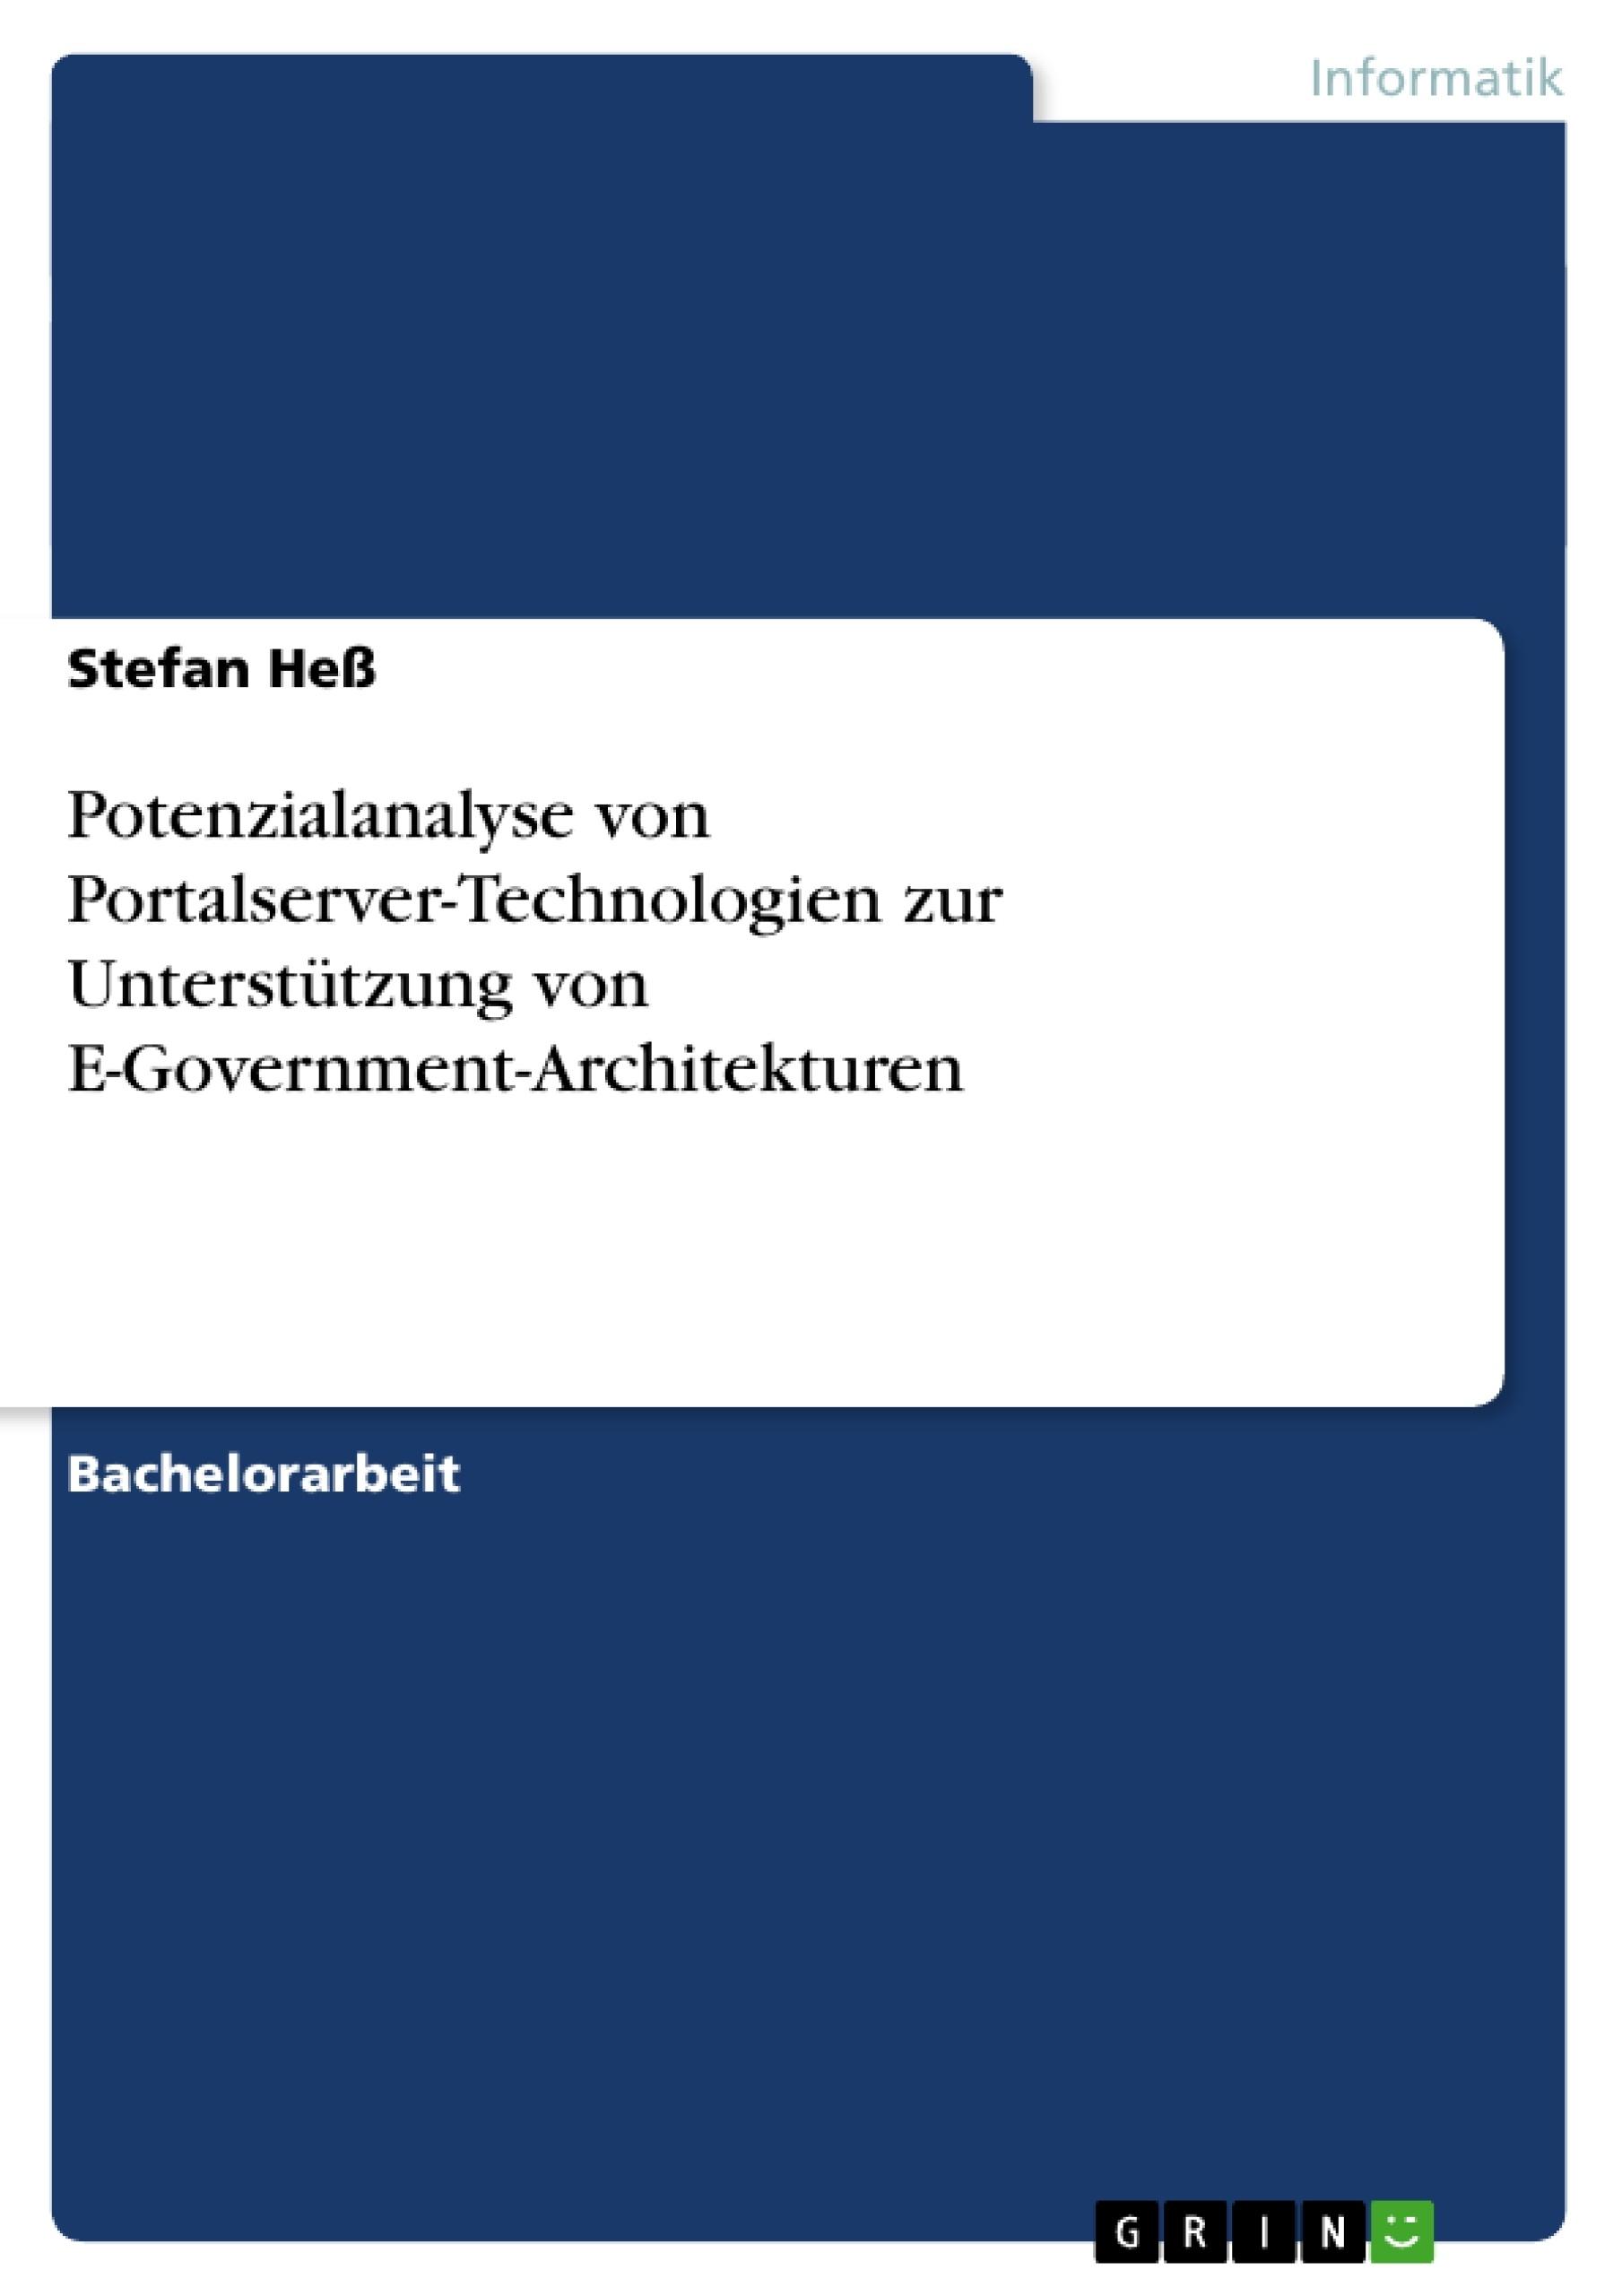 Titel: Potenzialanalyse von Portalserver-Technologien zur Unterstützung von E-Government-Architekturen